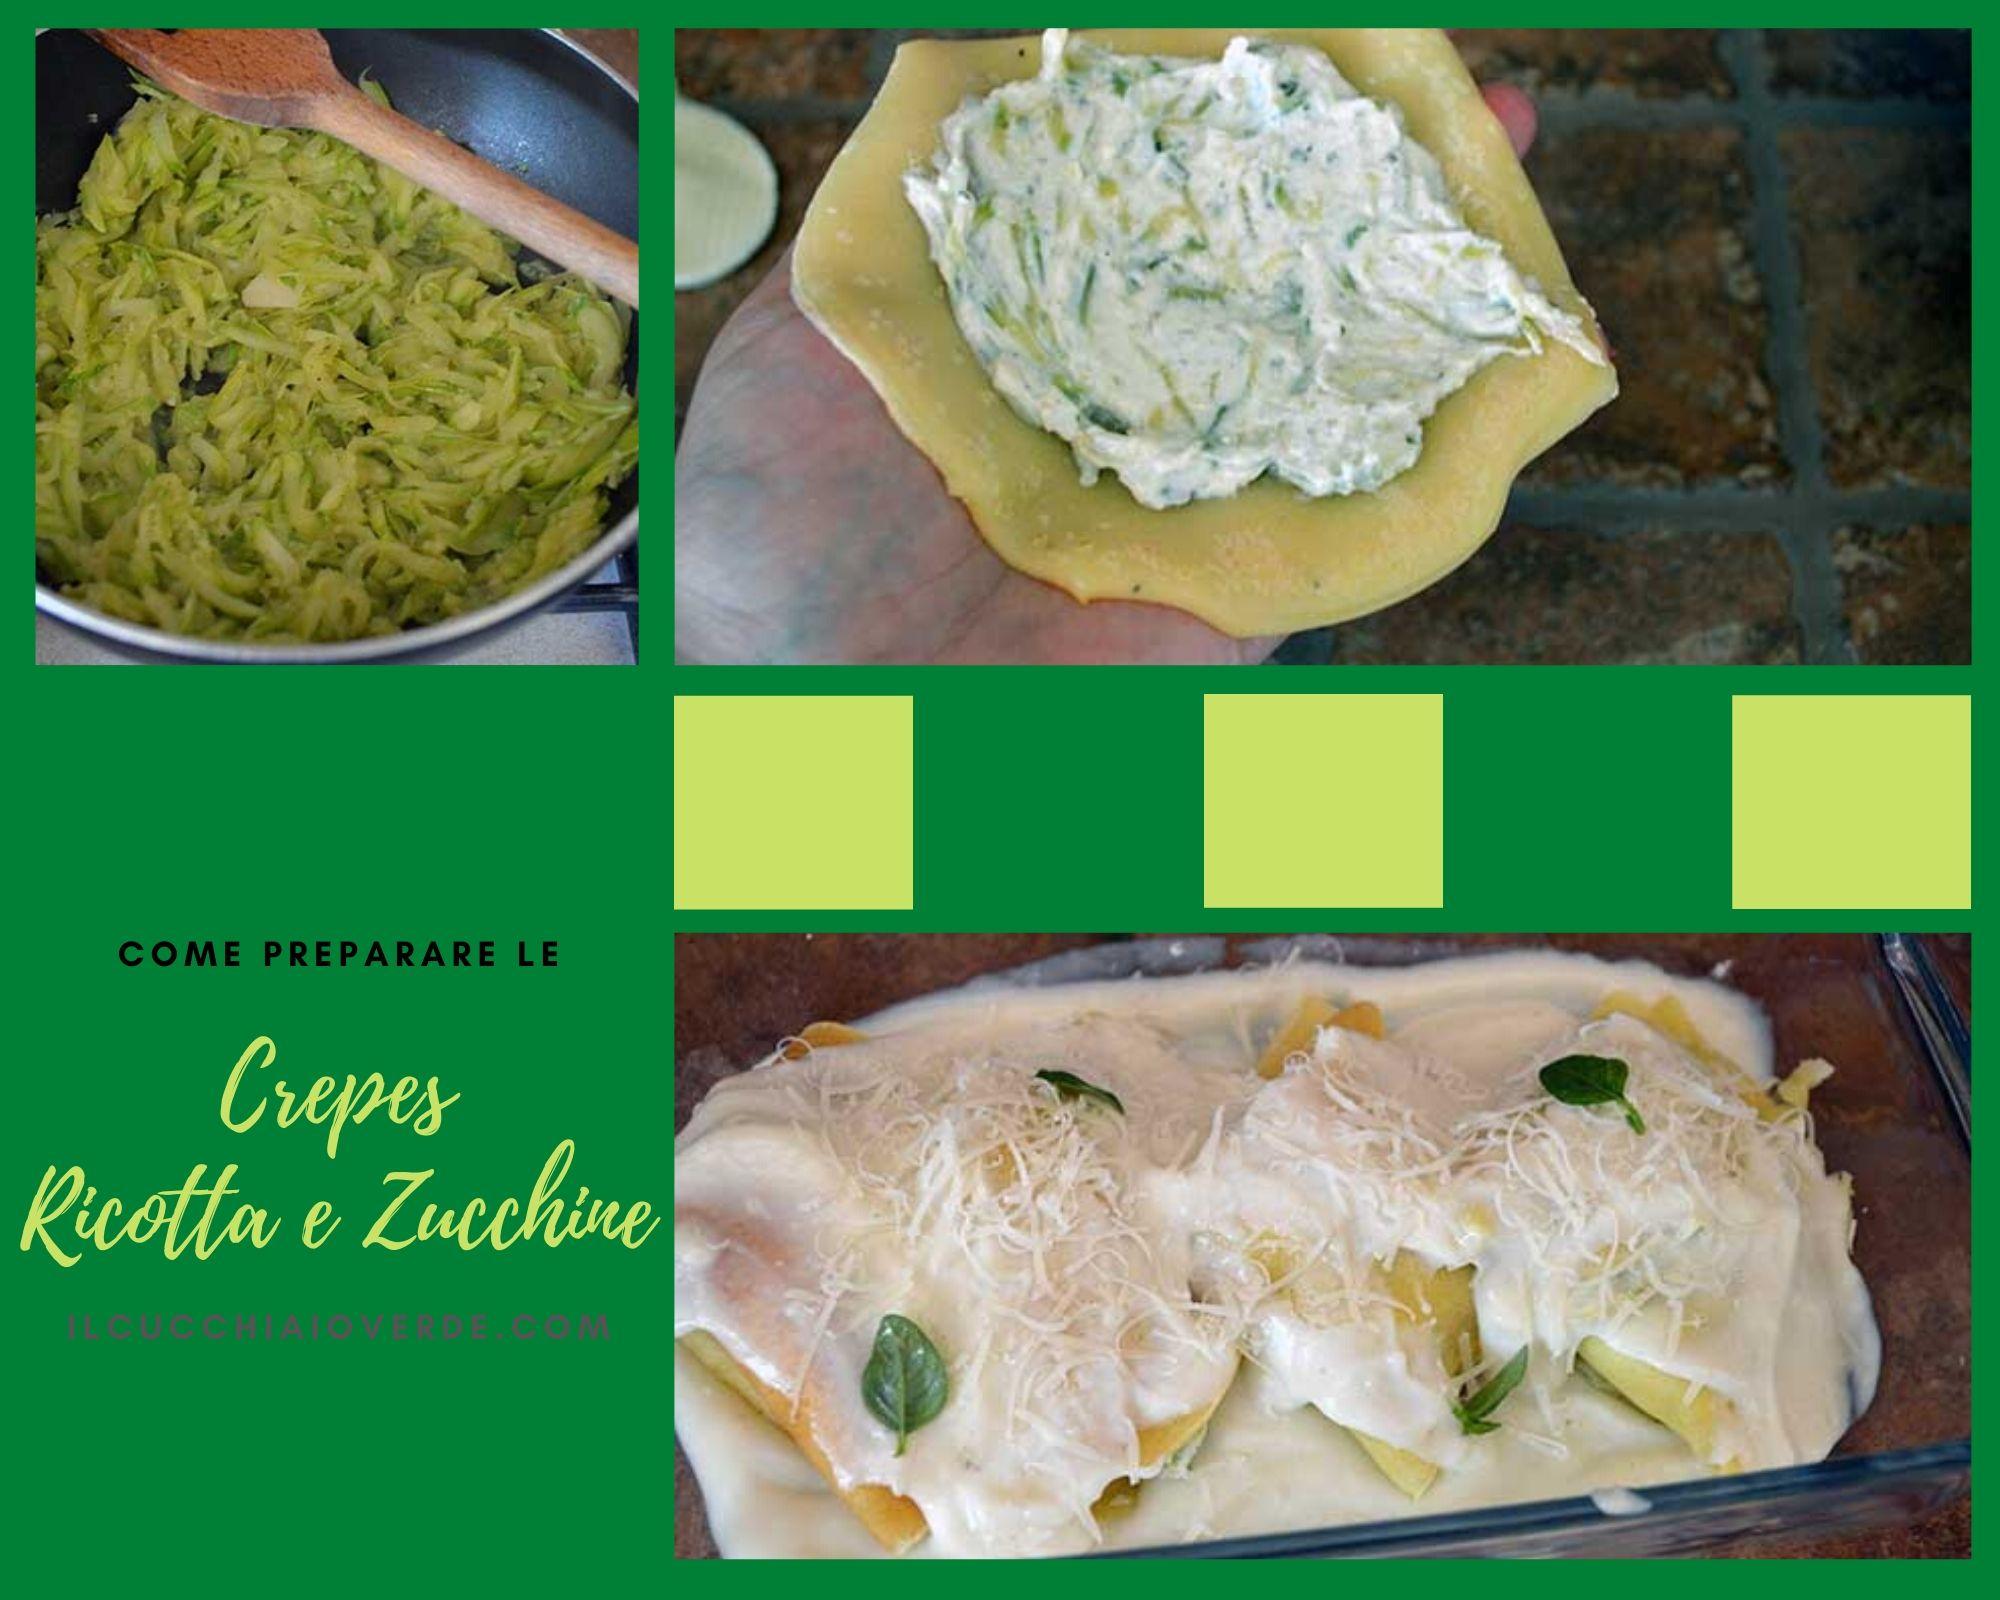 Come preparare le crespelle ricotta e zucchine